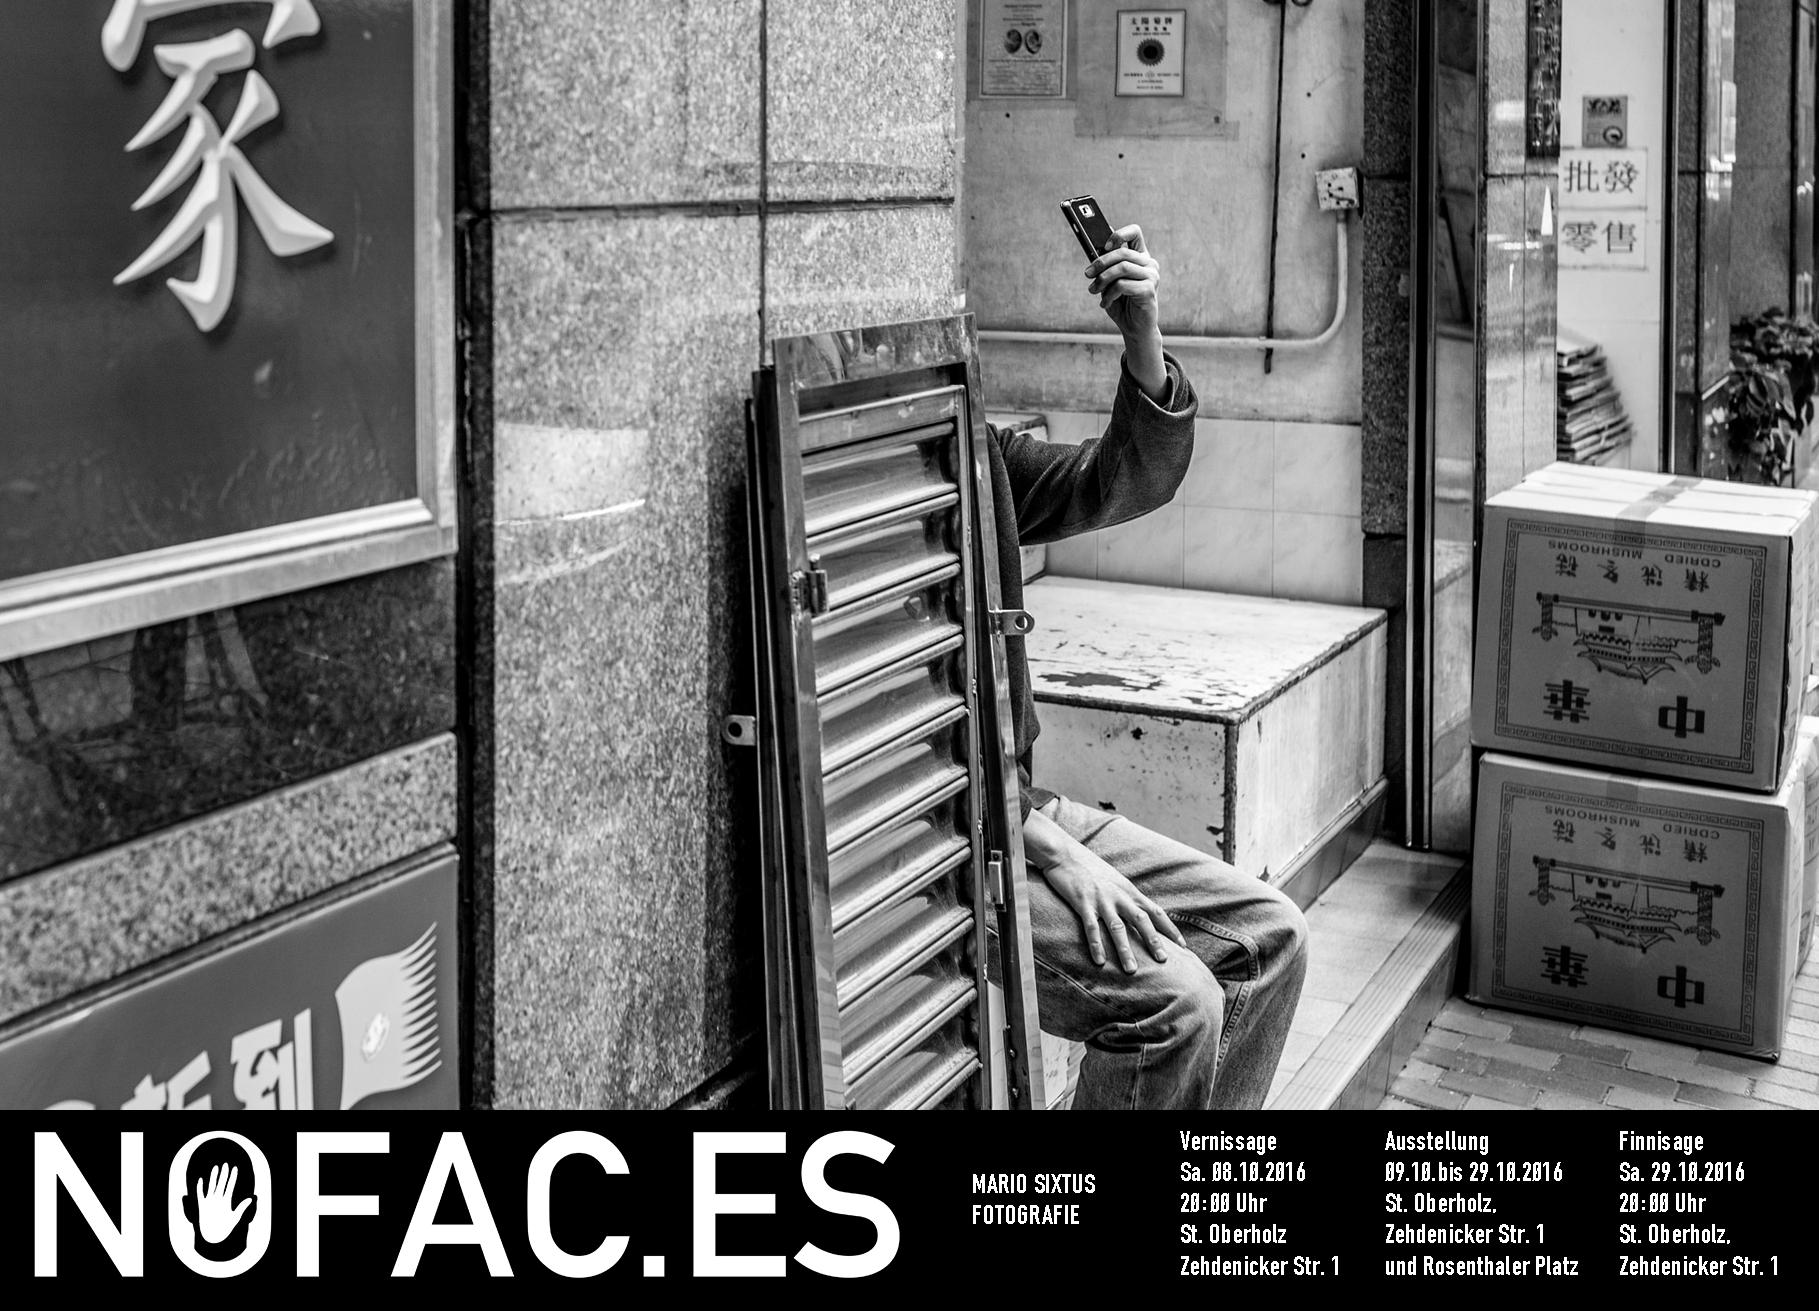 Erste Solo-Ausstellung in Berlin: nofac.es